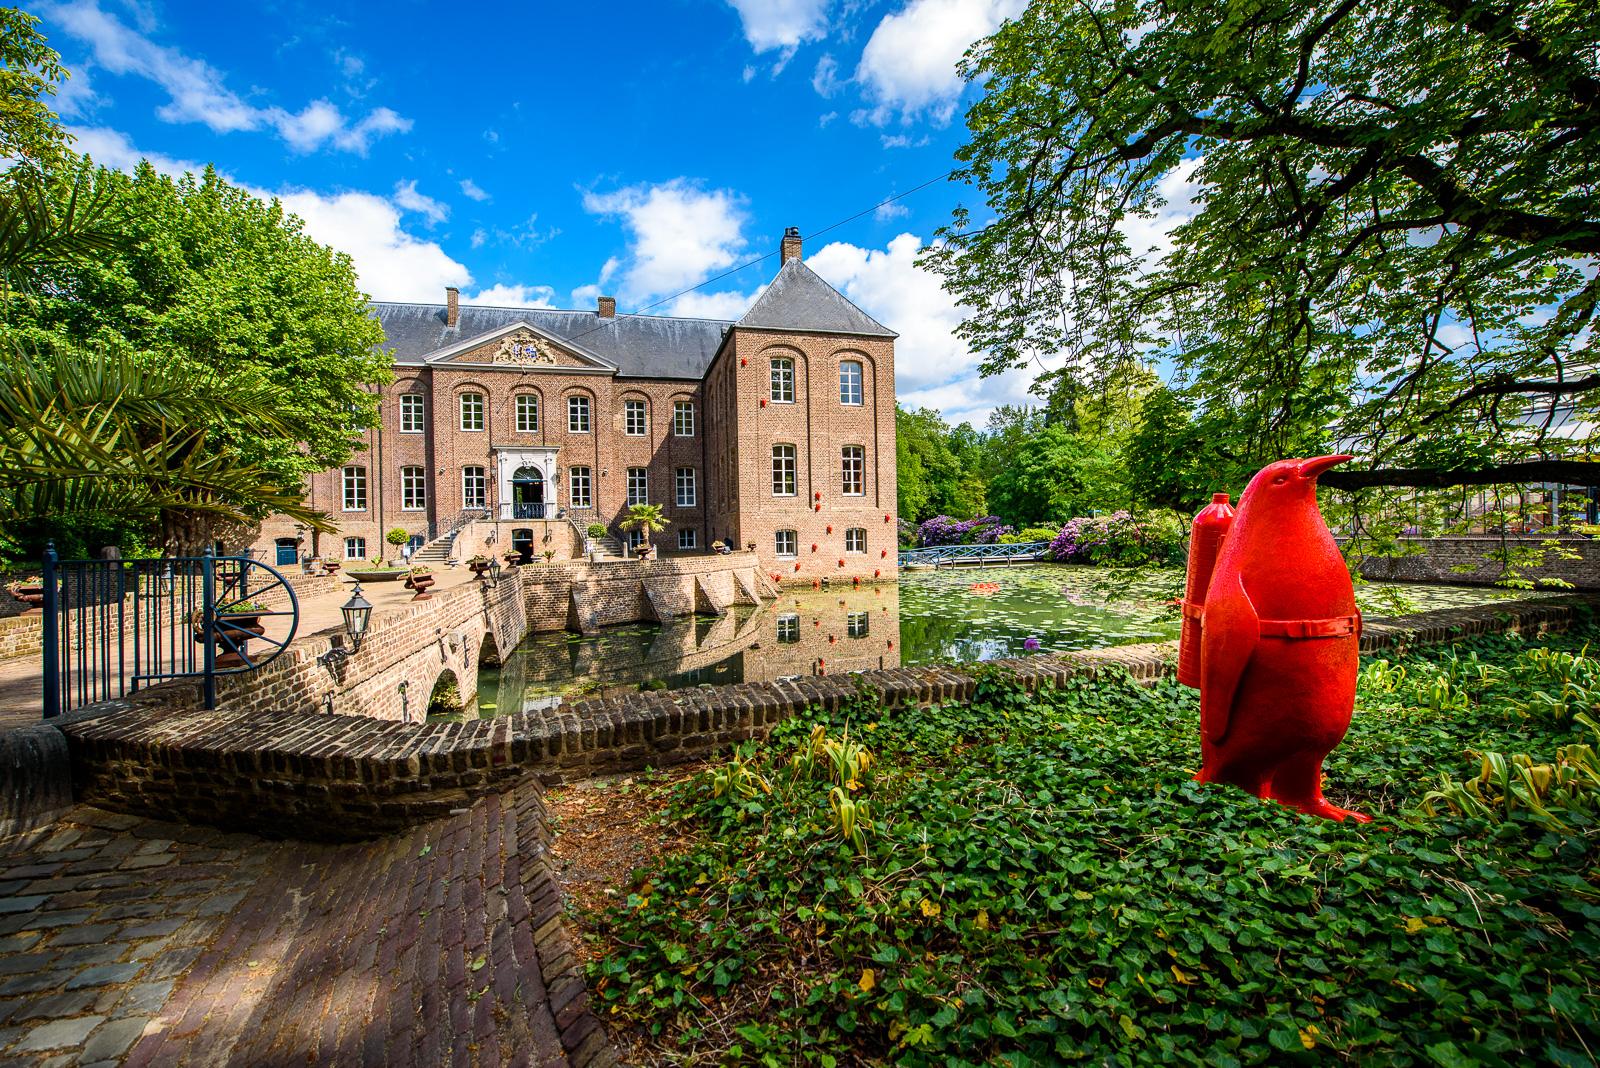 Ausflug in die Schlossgärten Arcen wieder möglich!